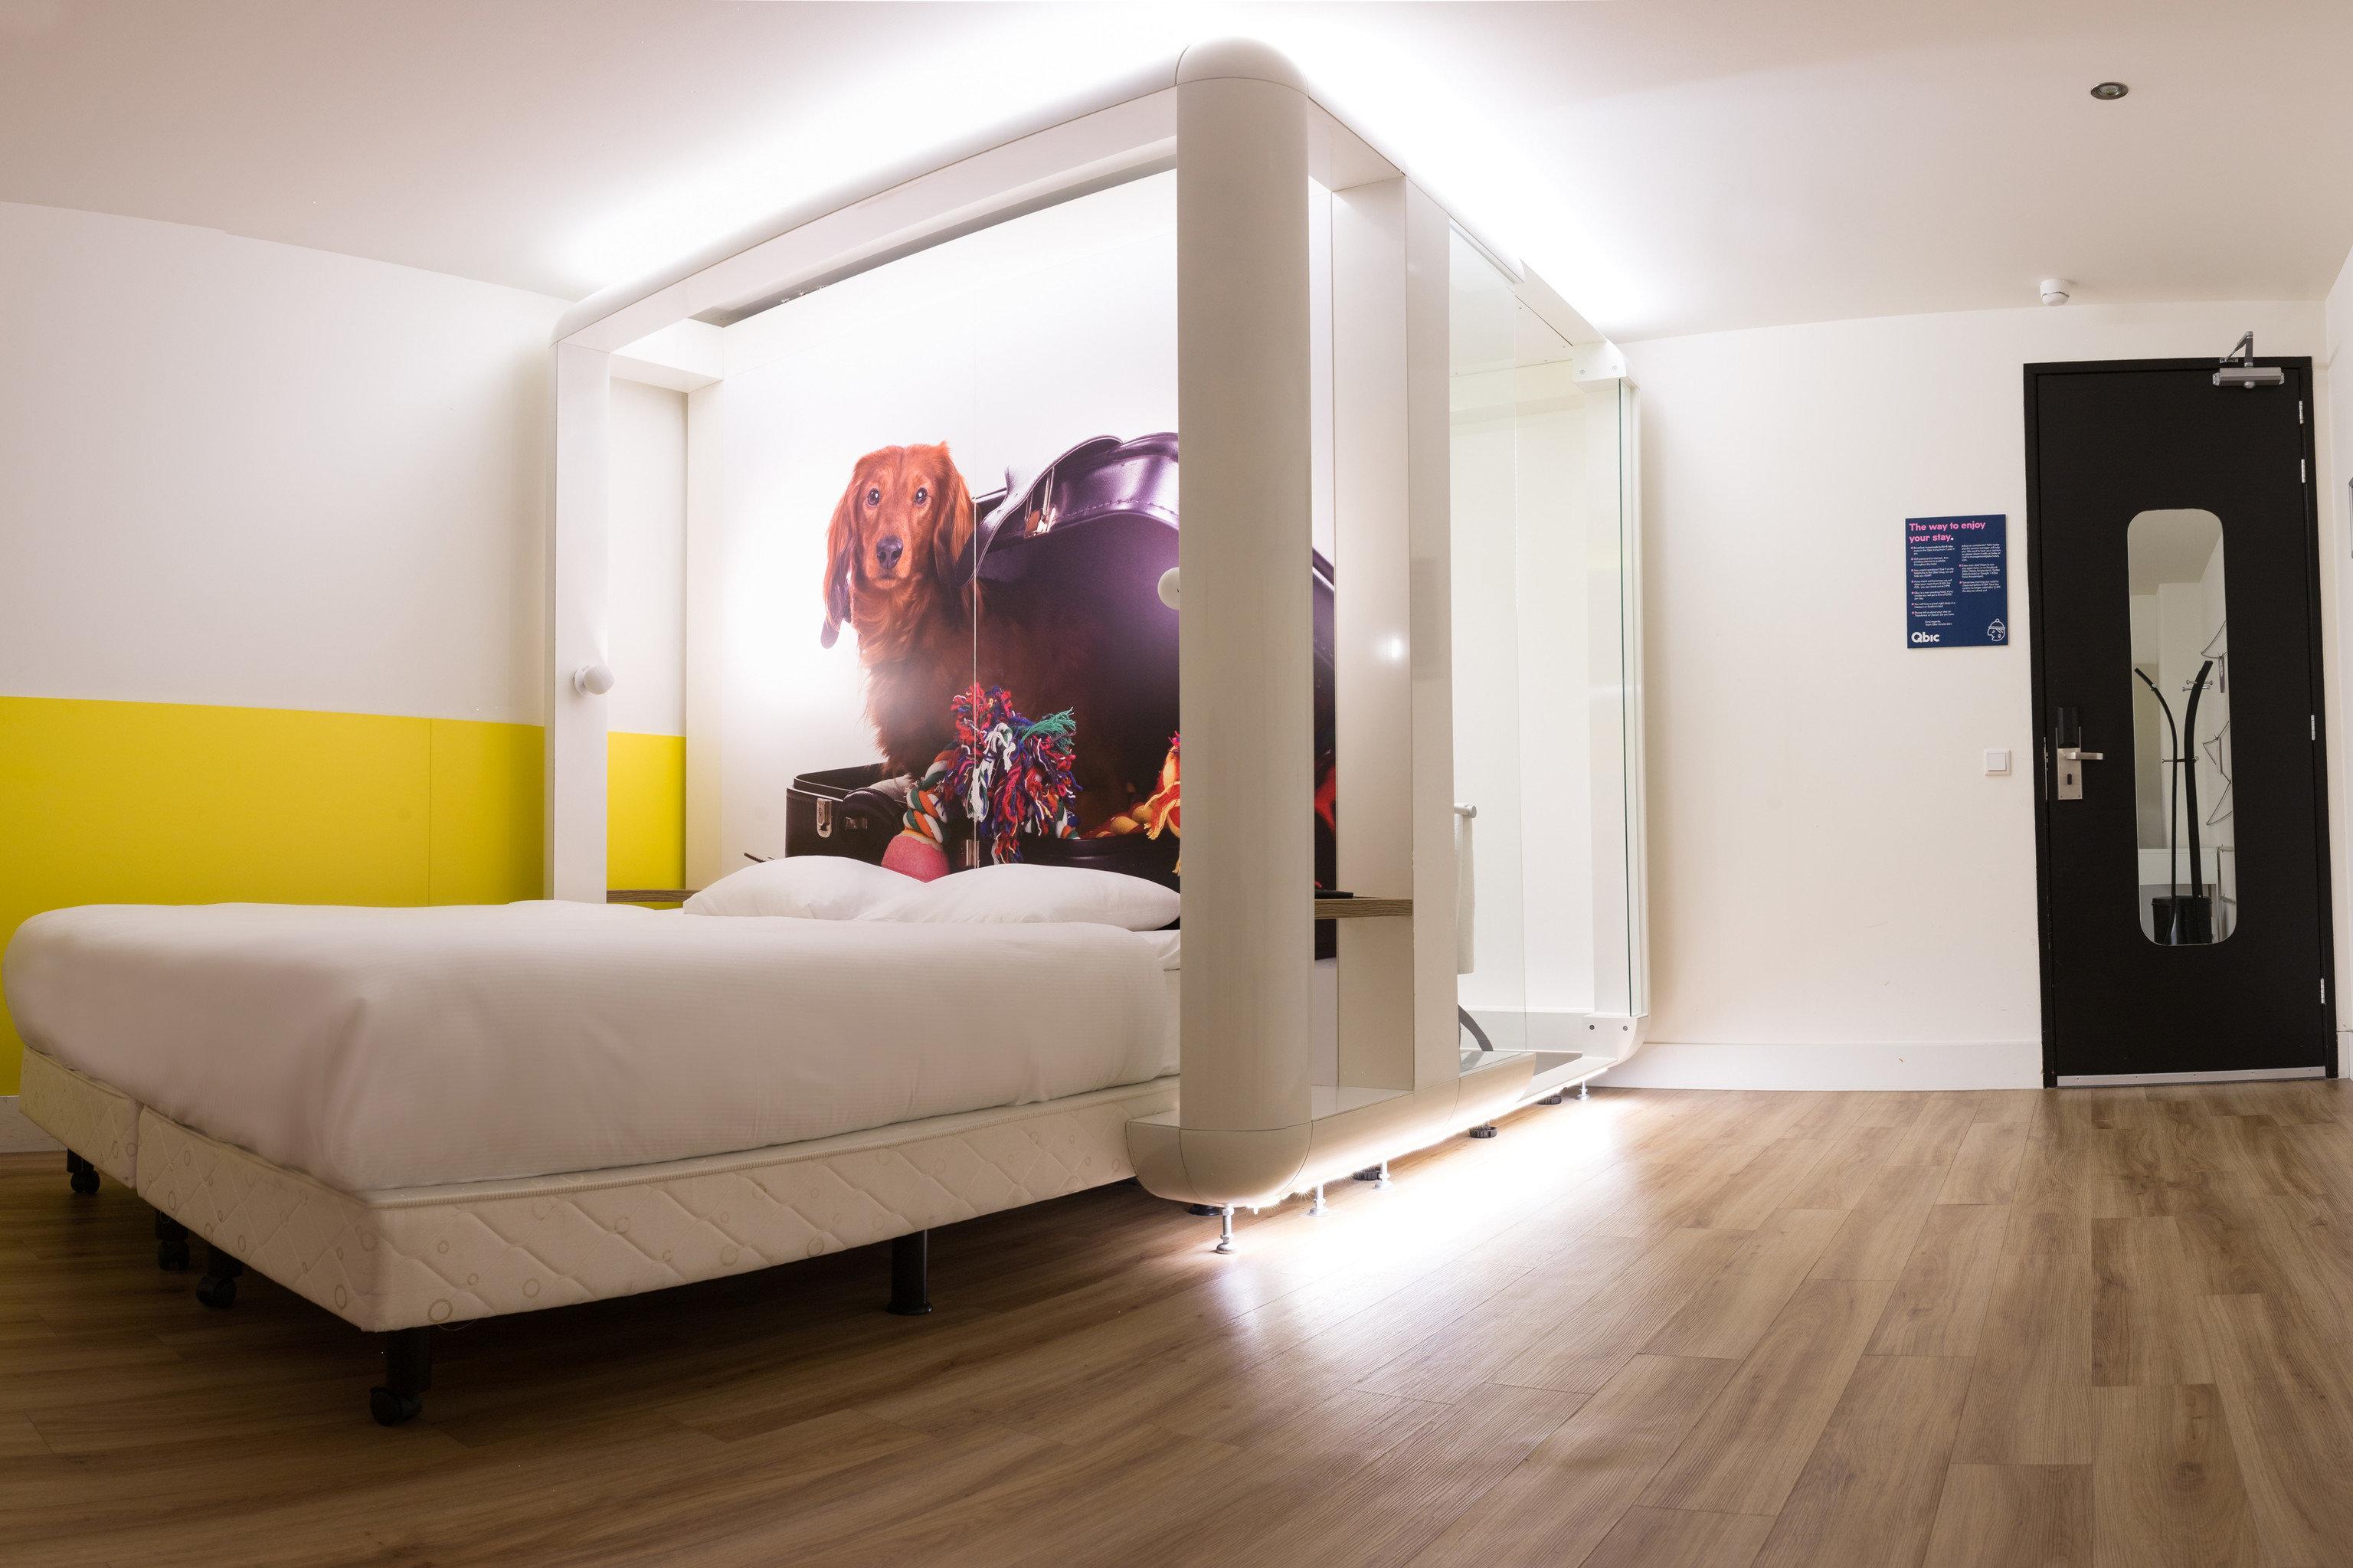 property living room scene home Bedroom modern art hard